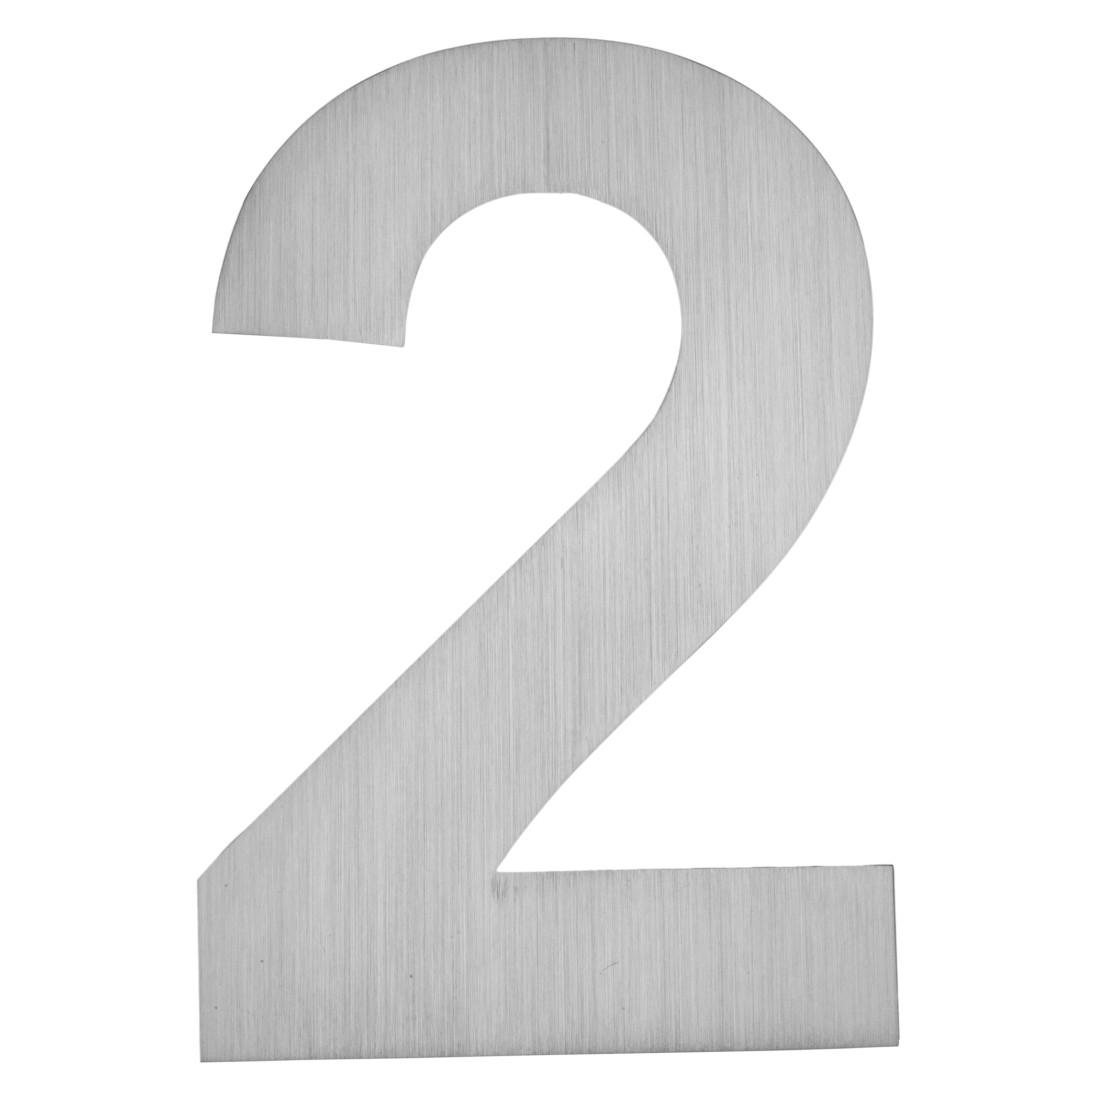 Hausnummer zum Aufkleben 2 - Matt Gebürstet Edelstahl Matt Gebürstet Silber, Serafini